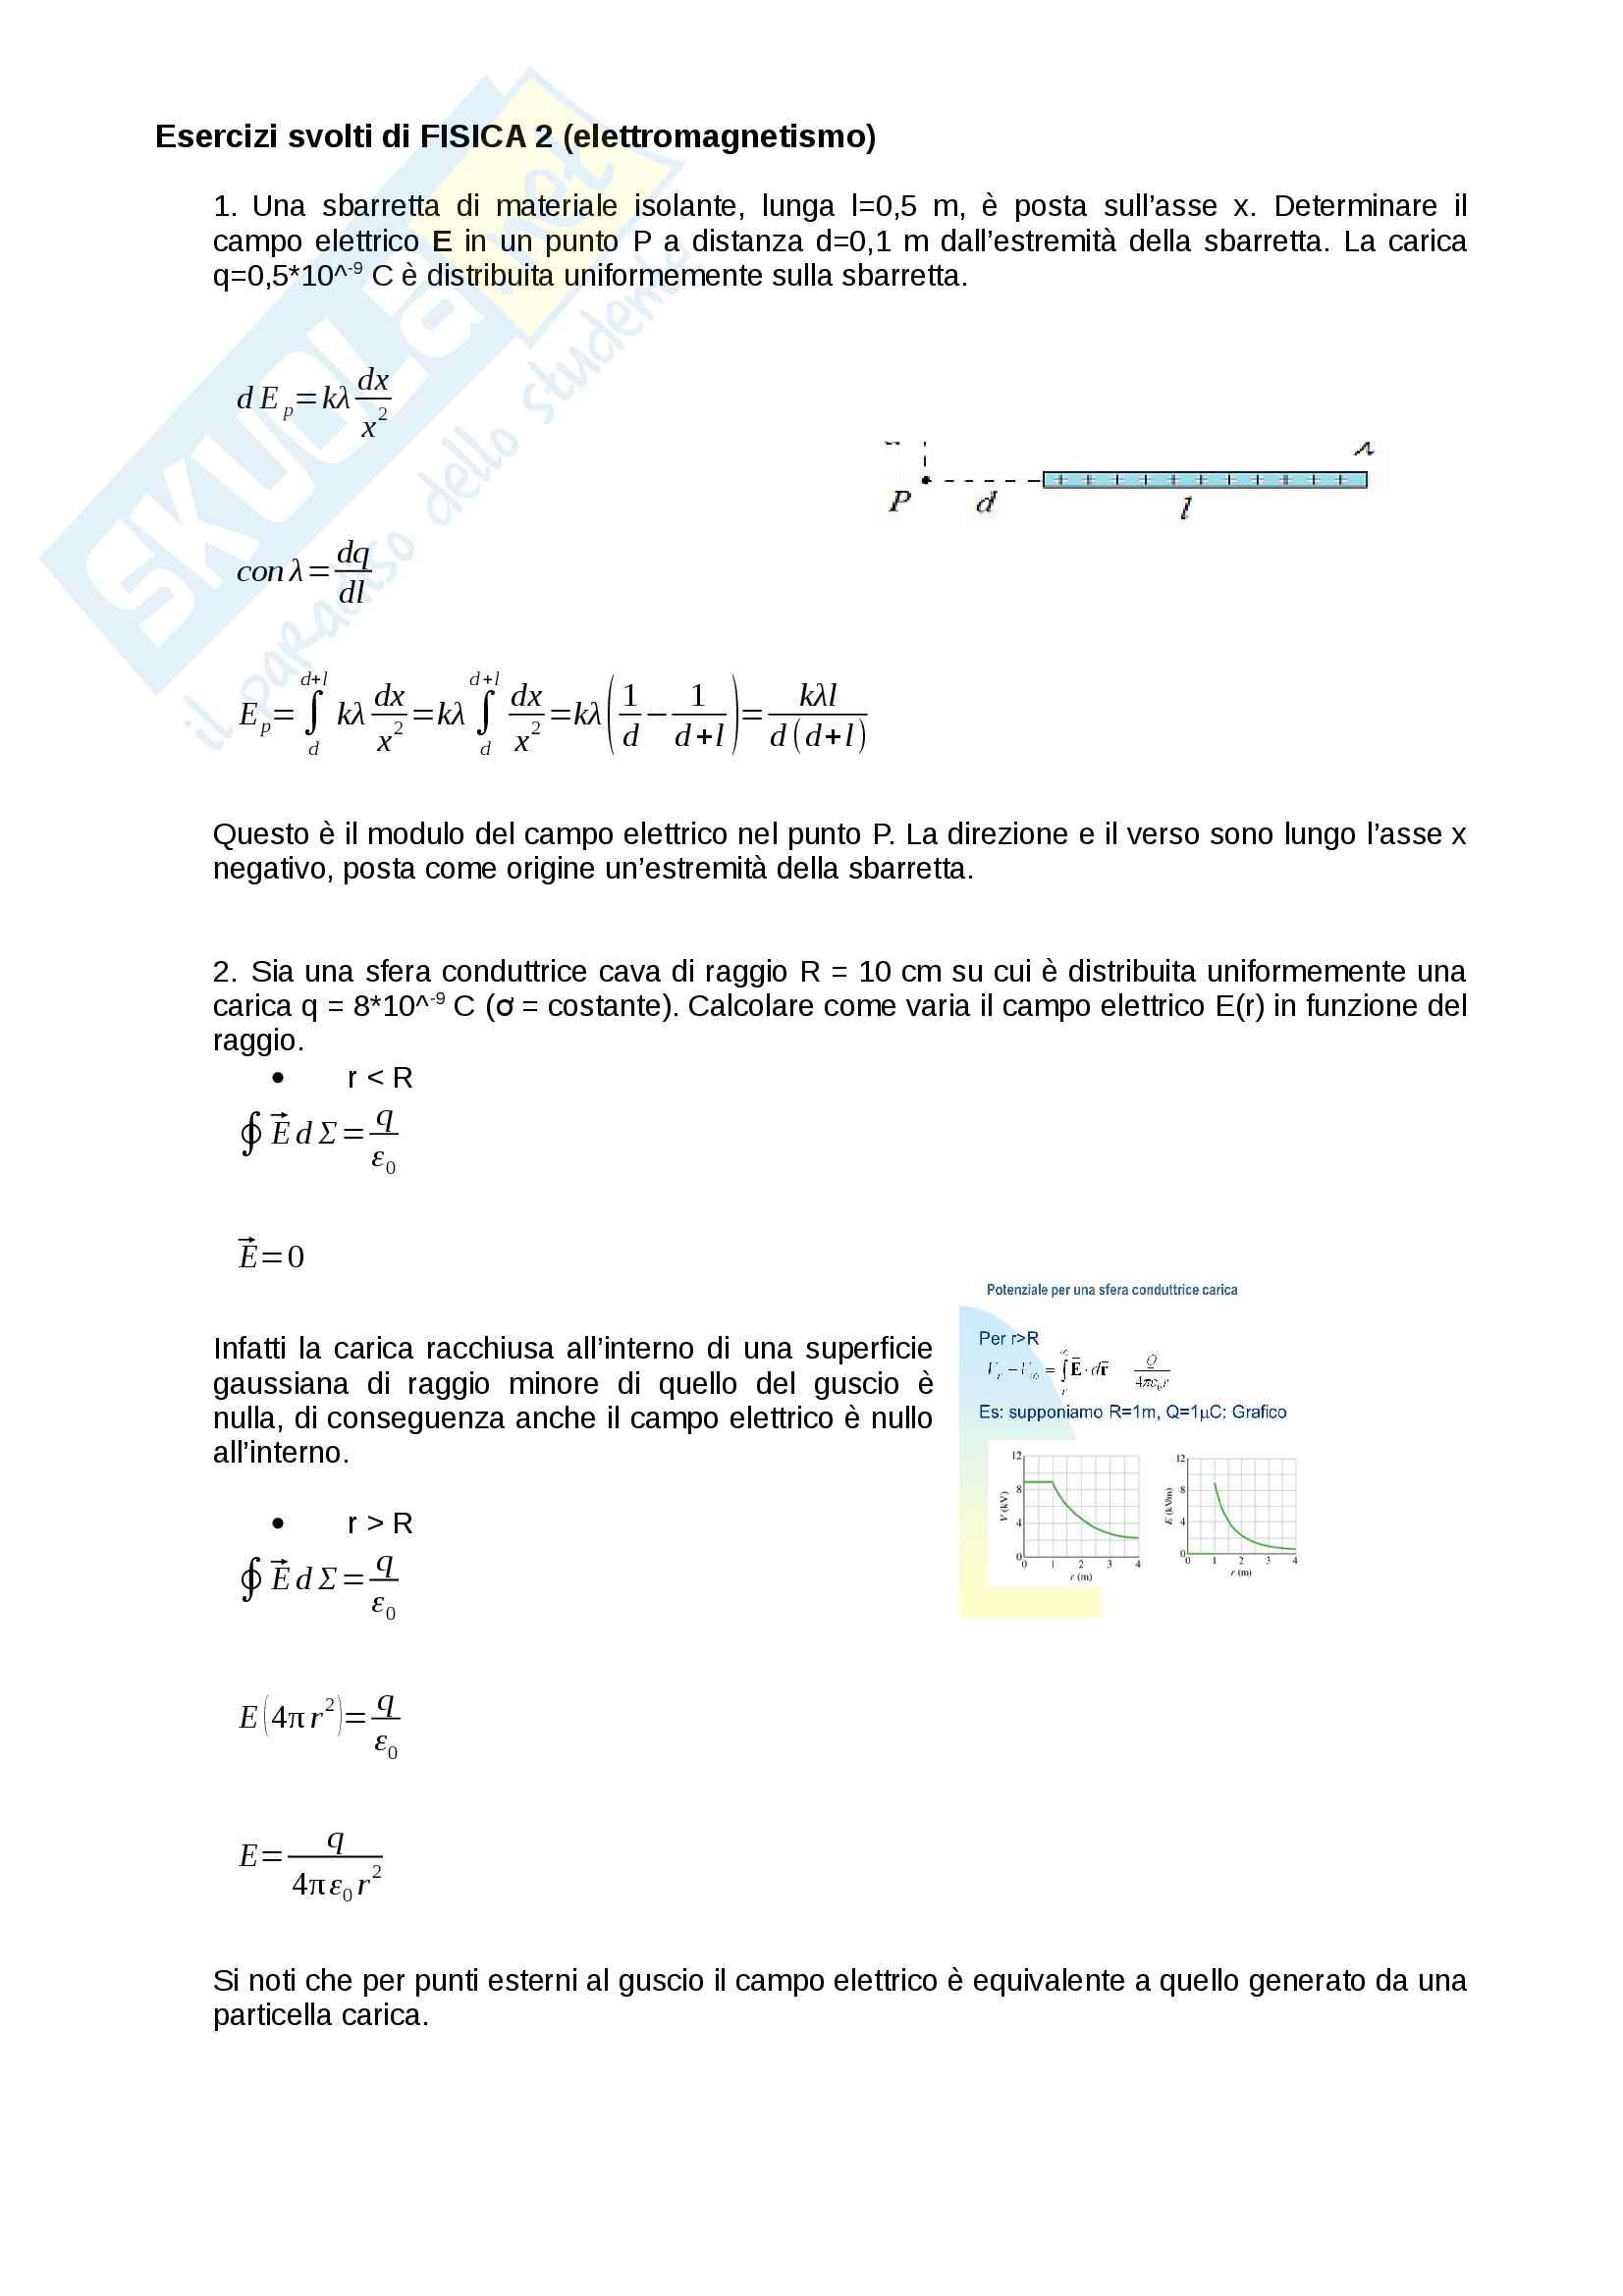 Esercizi svolti di Fisica 2 (parte sui campi elettrici)